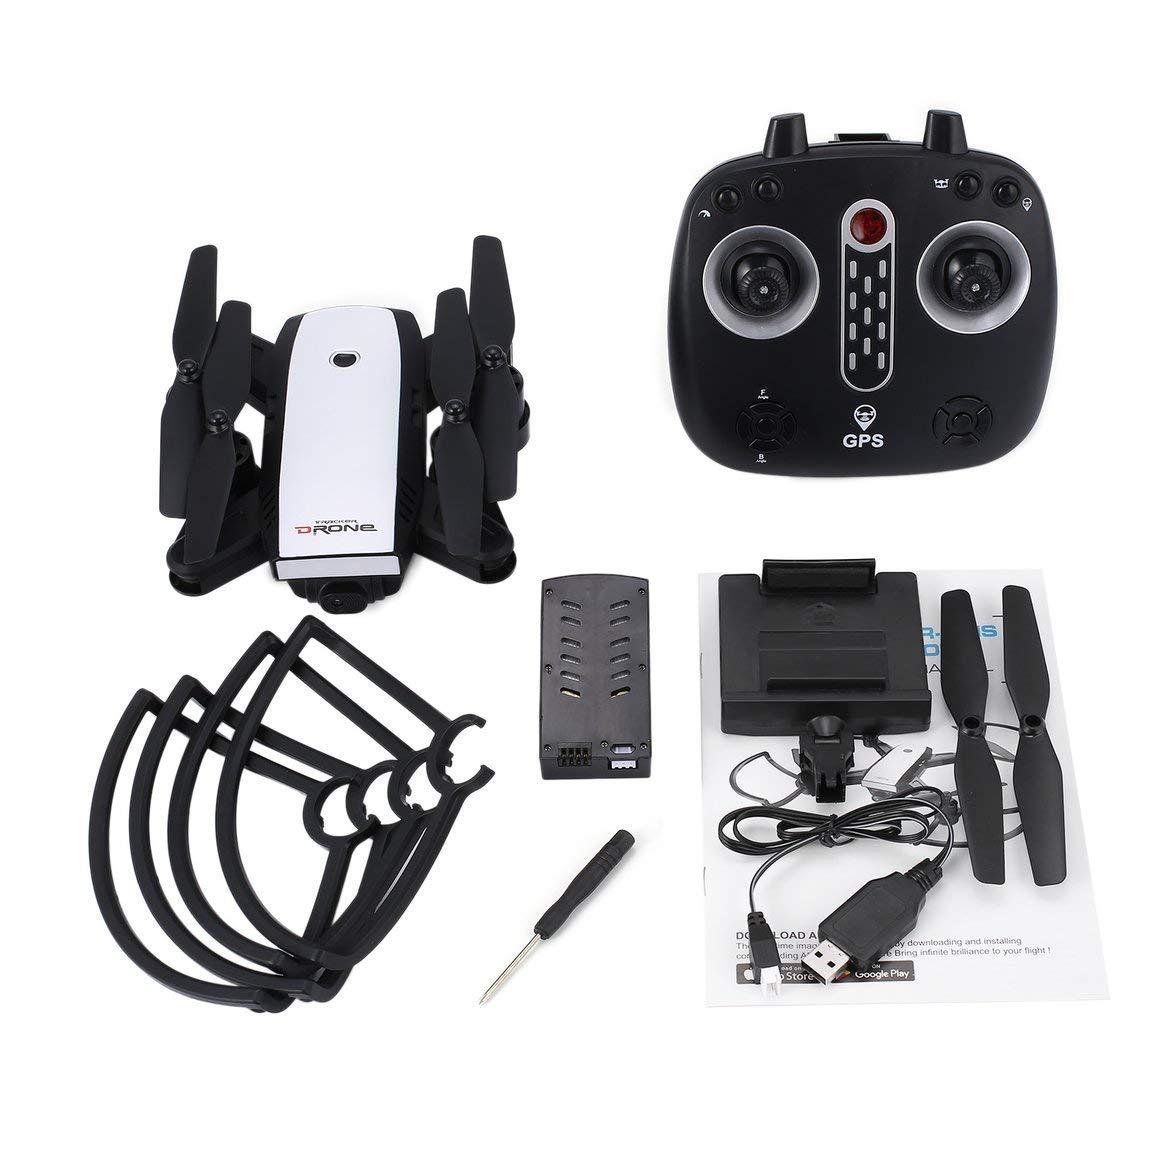 Funnyrunstore X28 2.4G FPV Pliable GPS Drone RC Quadcopter avec caméra 720p HD Ajustable Altitude Hold en Temps réel Suivez-Moi (Blanc)